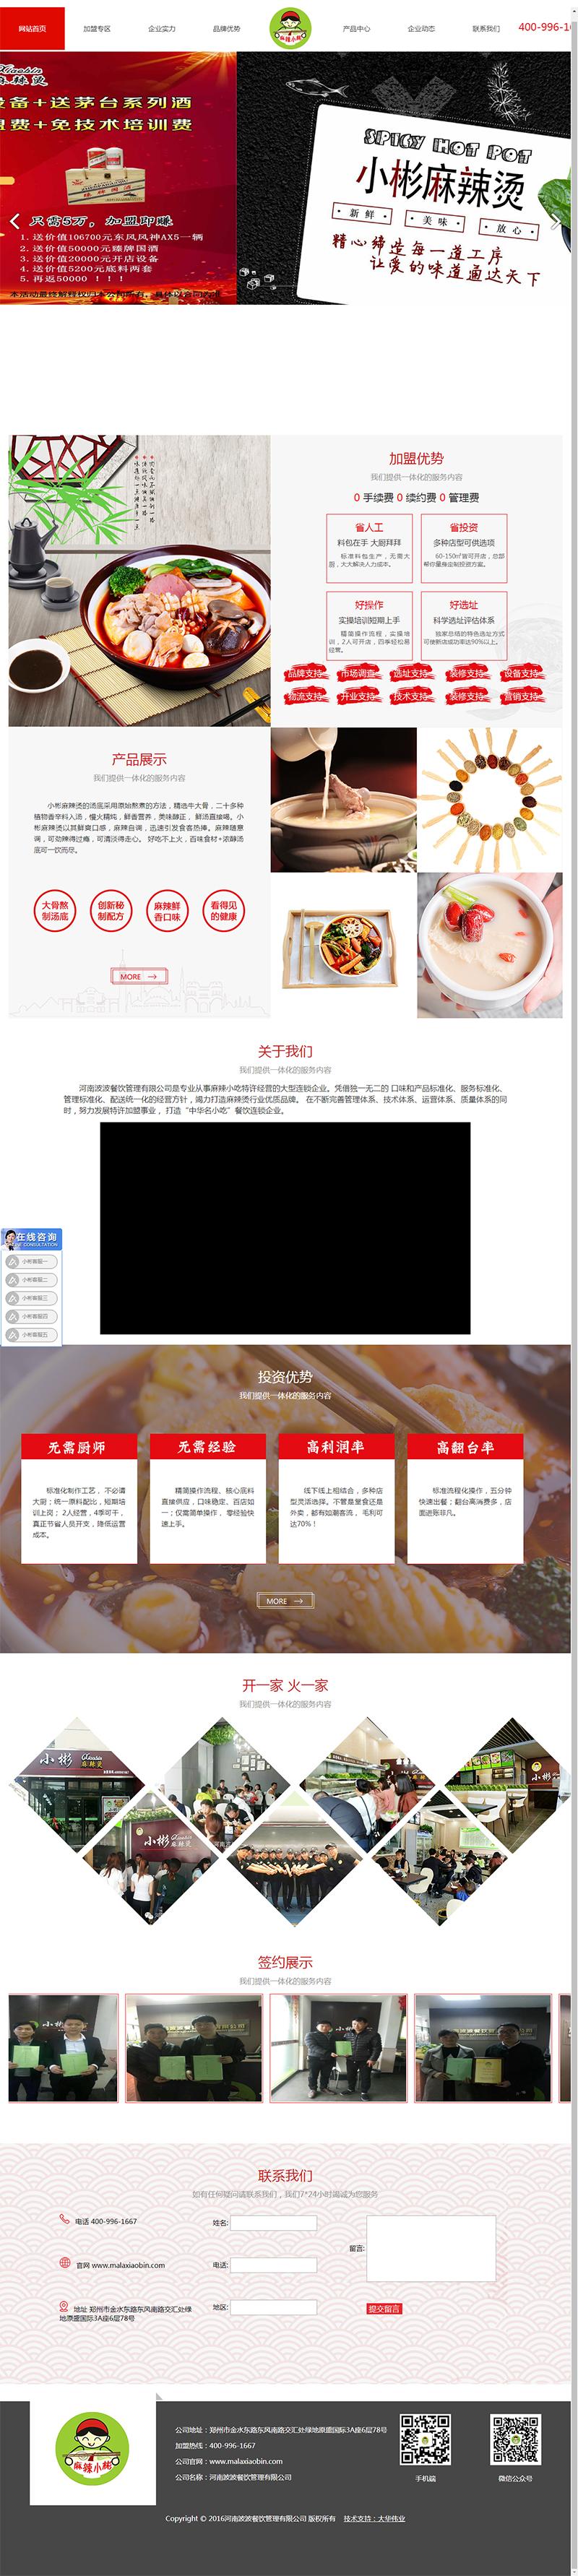 河南波波餐饮管理1.jpg